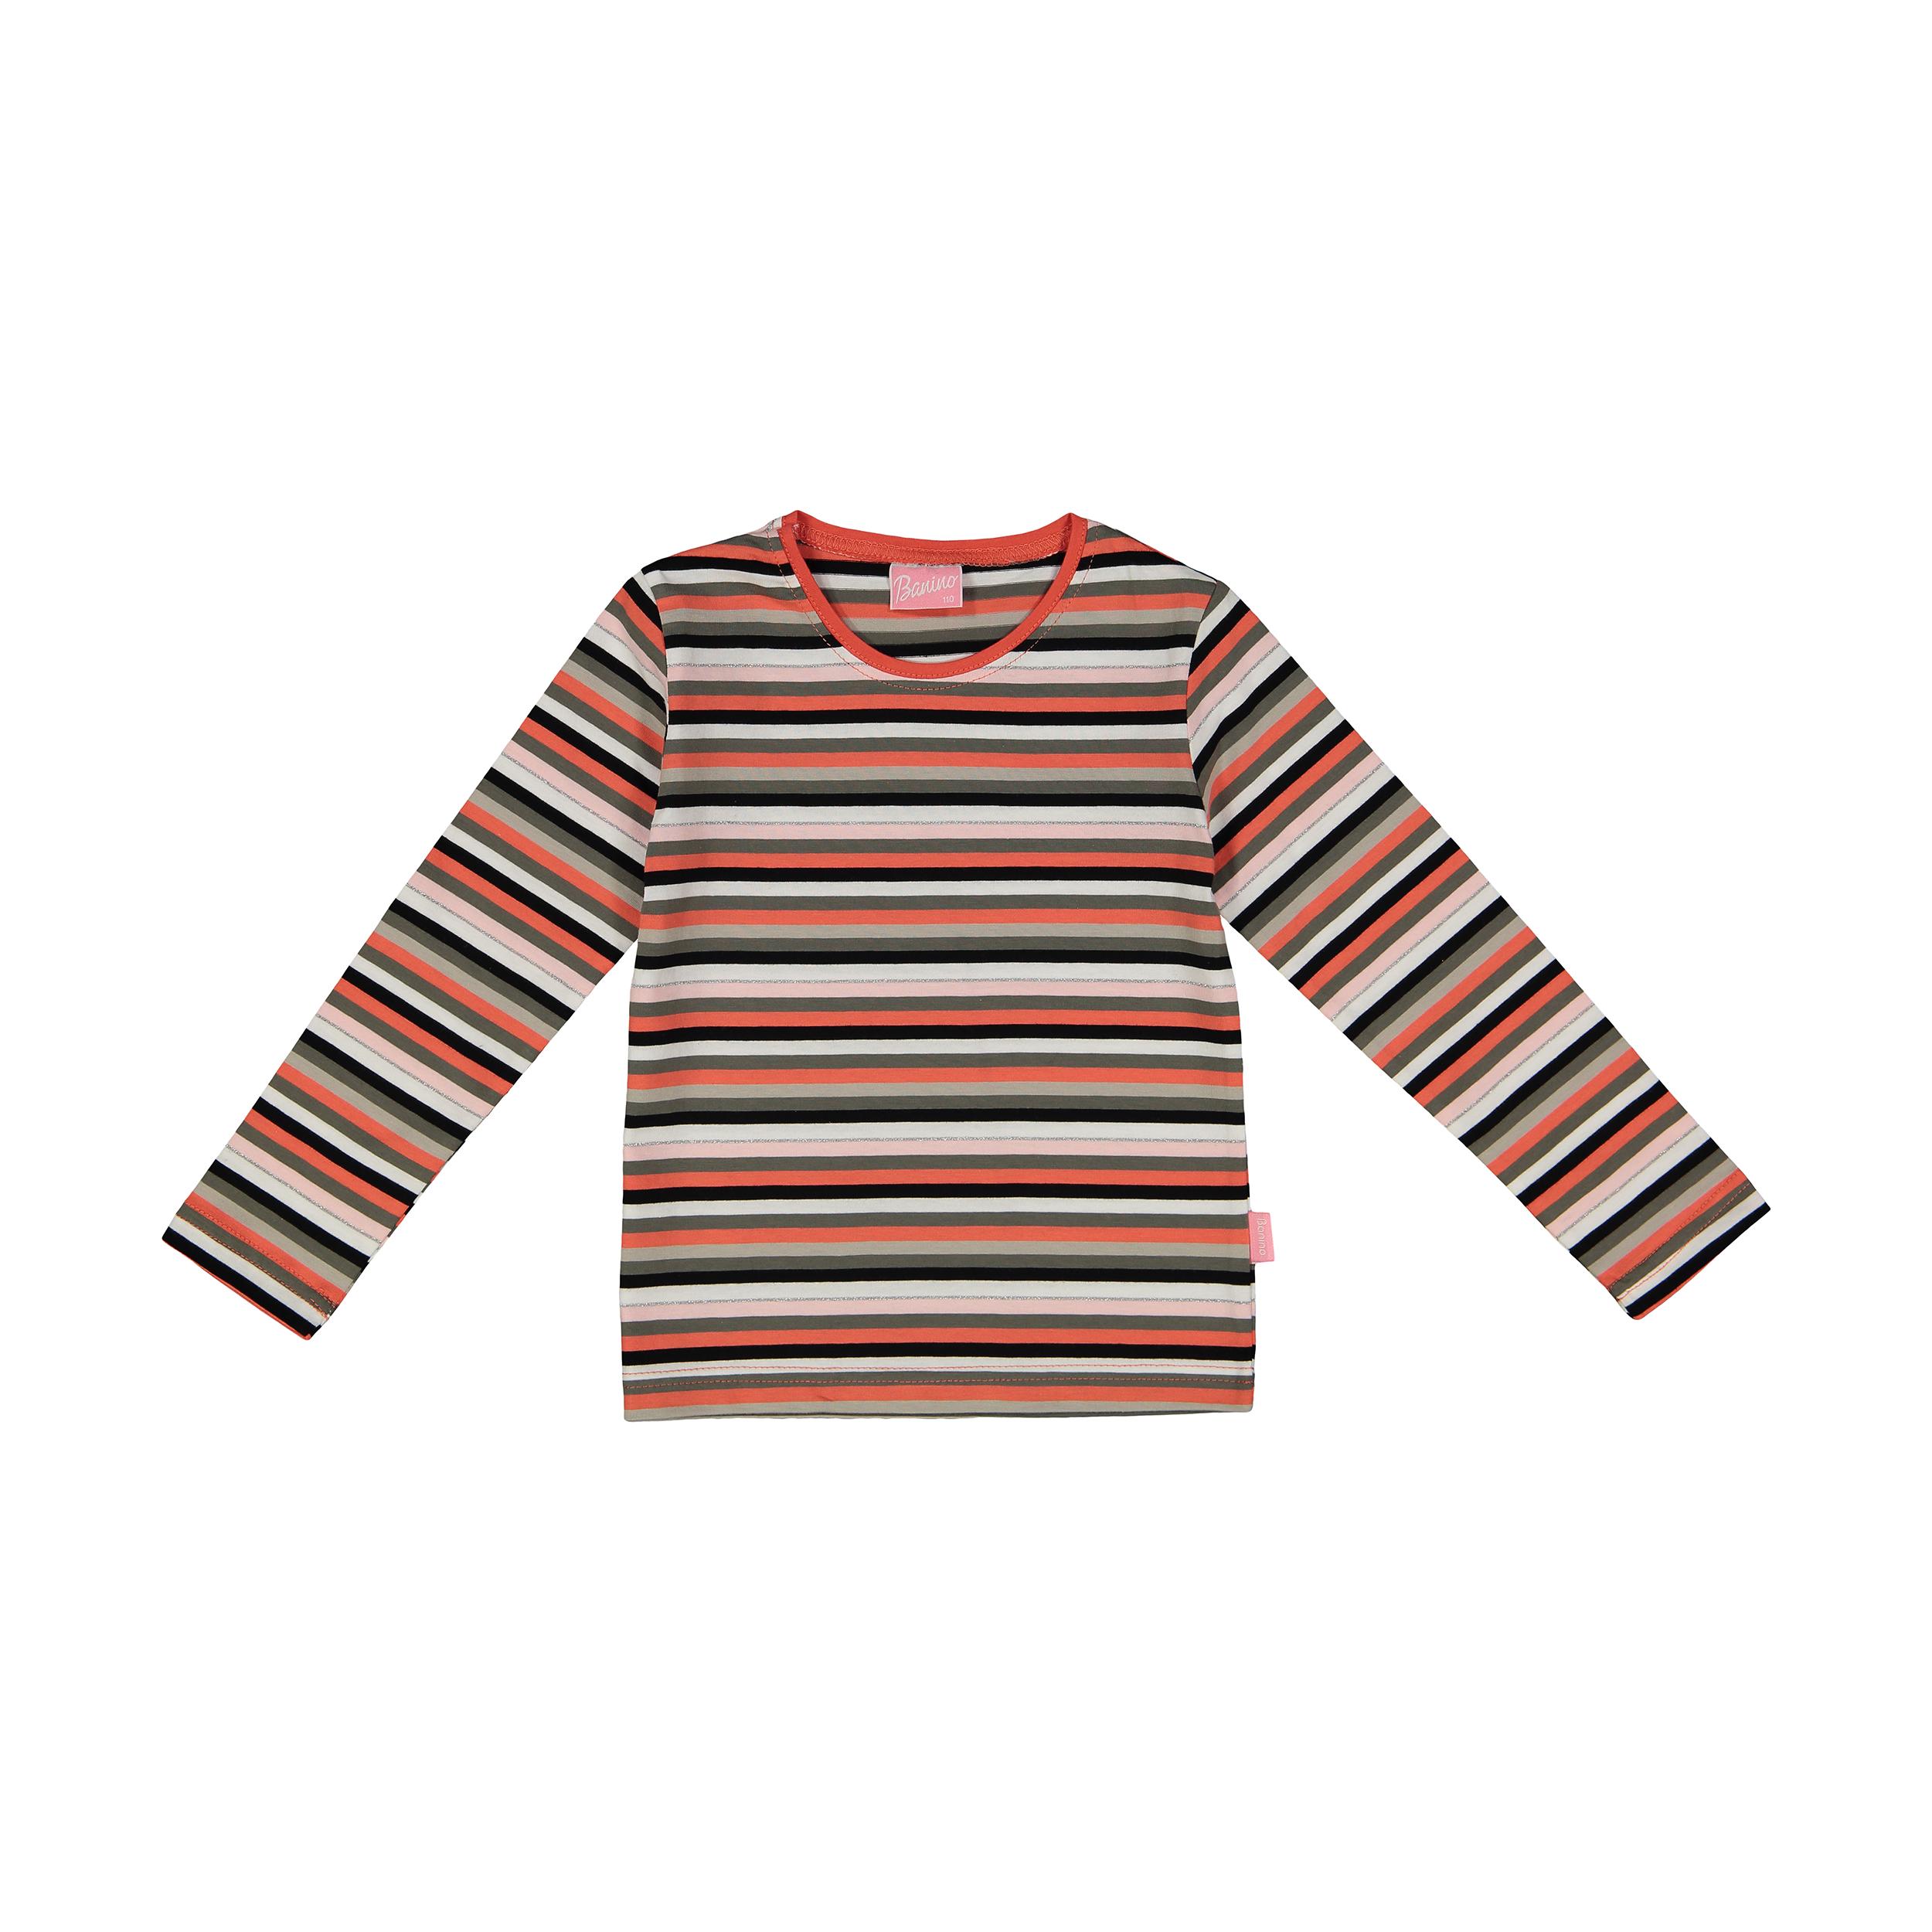 تی شرت دخترانه بانی نو مدل 2191170-22